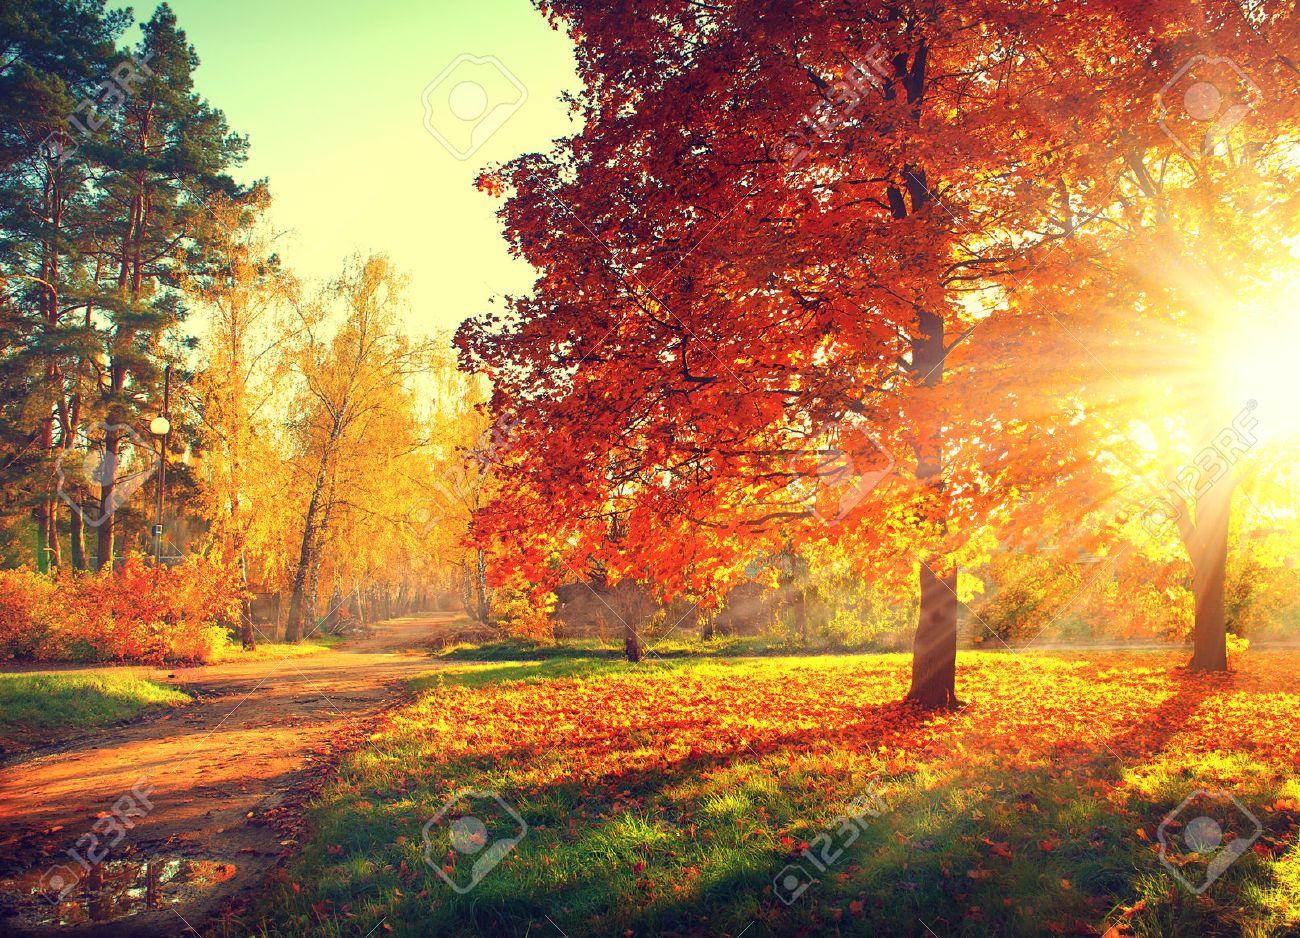 autumn scene fall trees